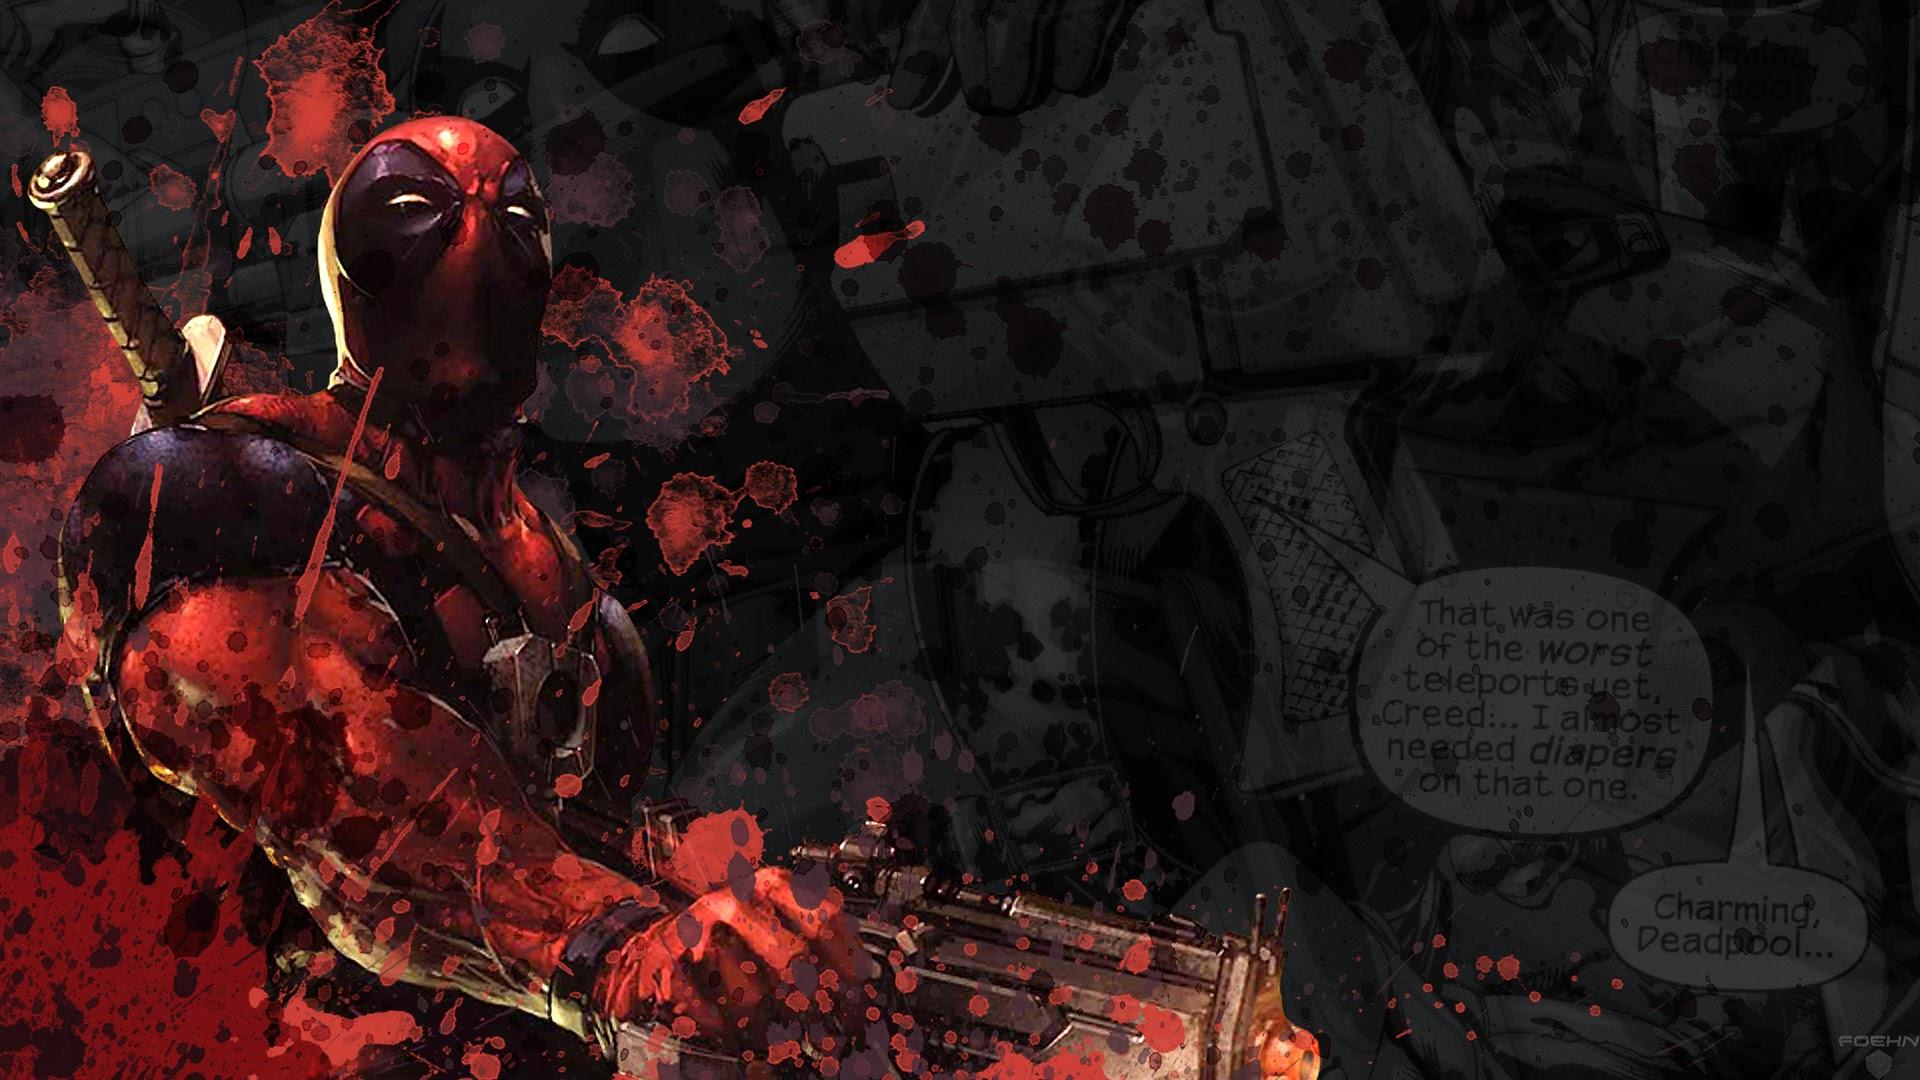 Deadpool Guns Marvel Comics HD Wallpaper 1920x1080 a76 1920x1080